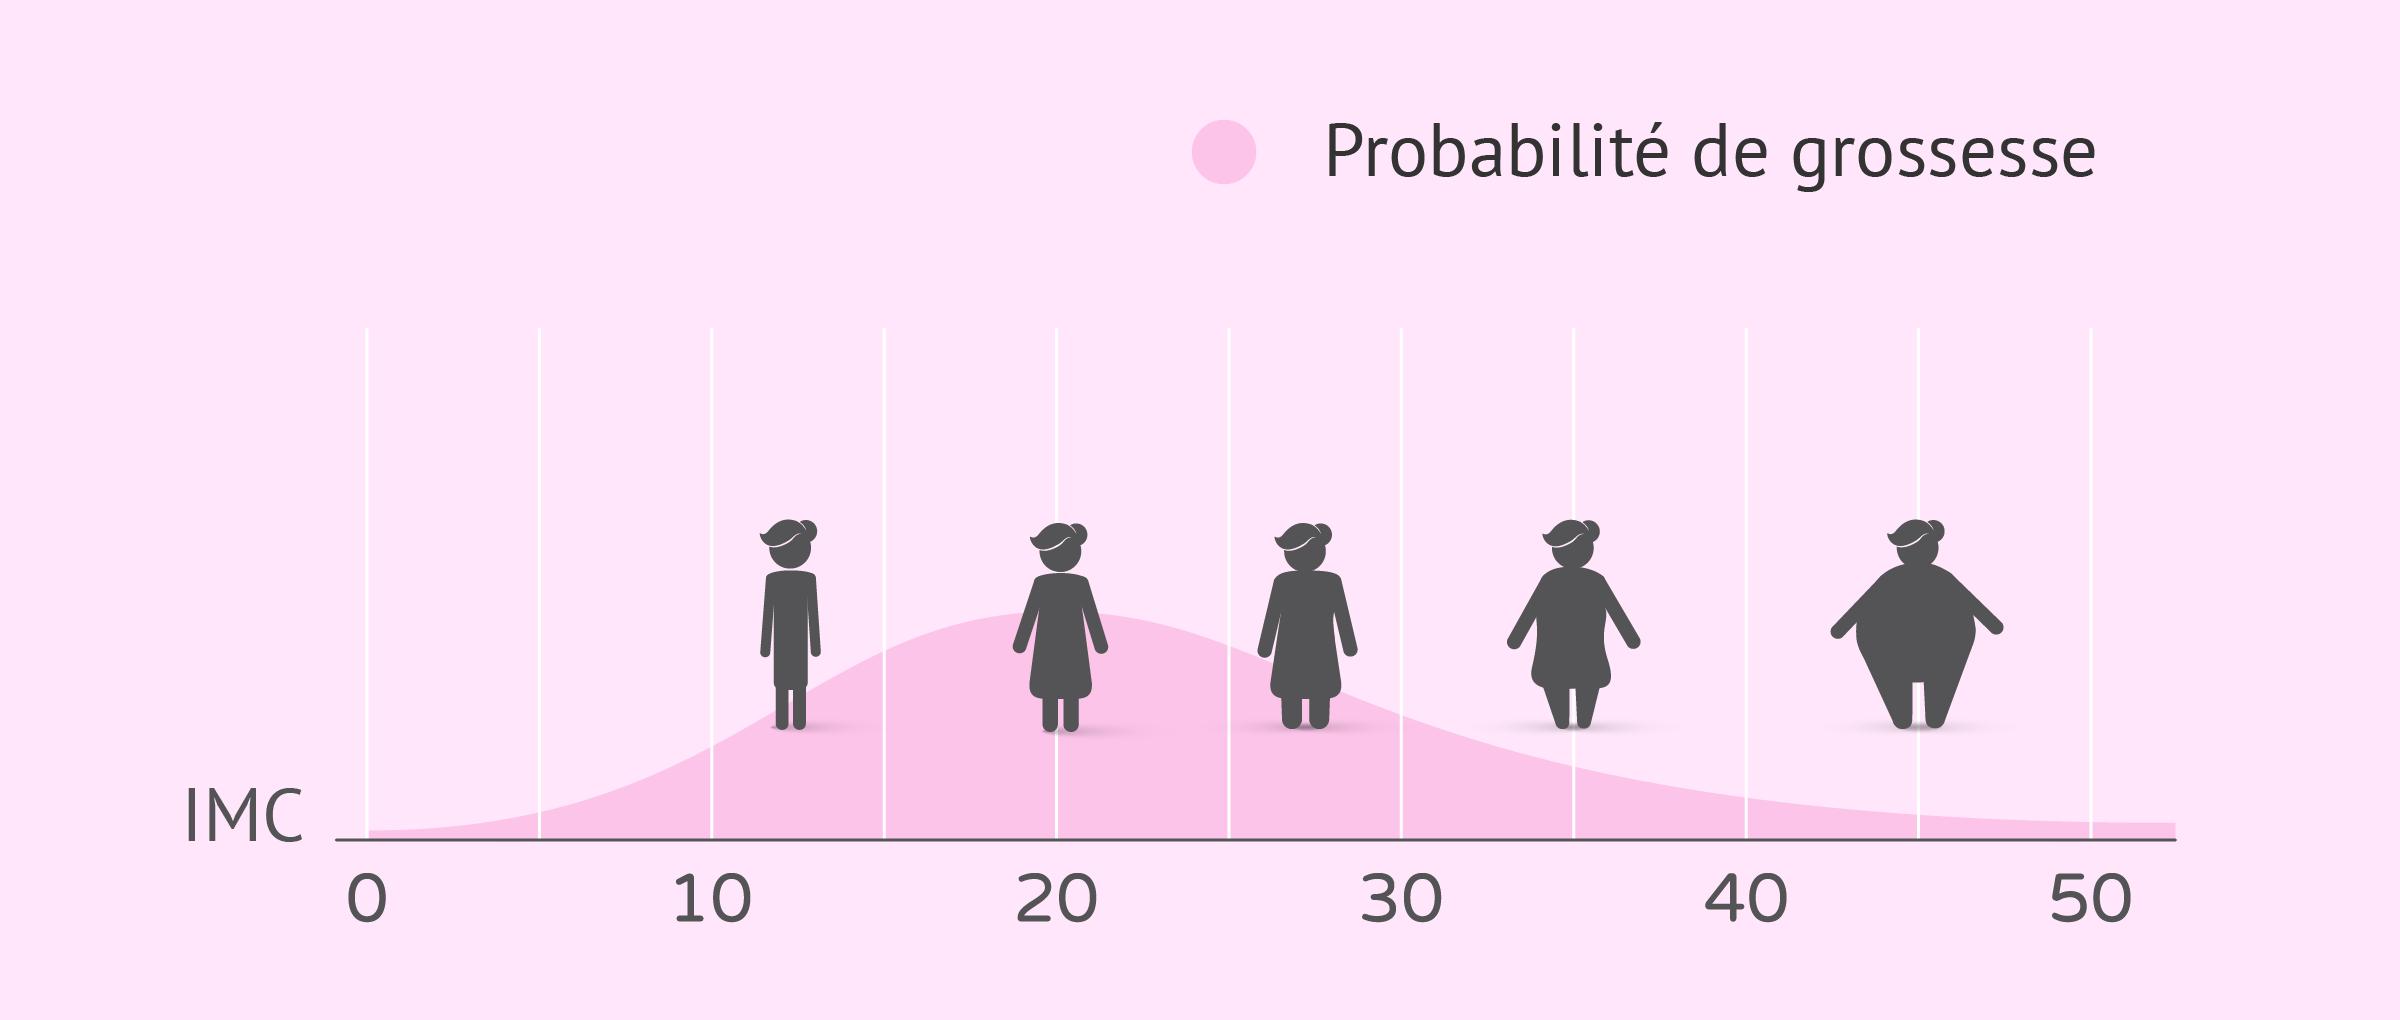 Probabilité de grossesse en fonction de l'IMC